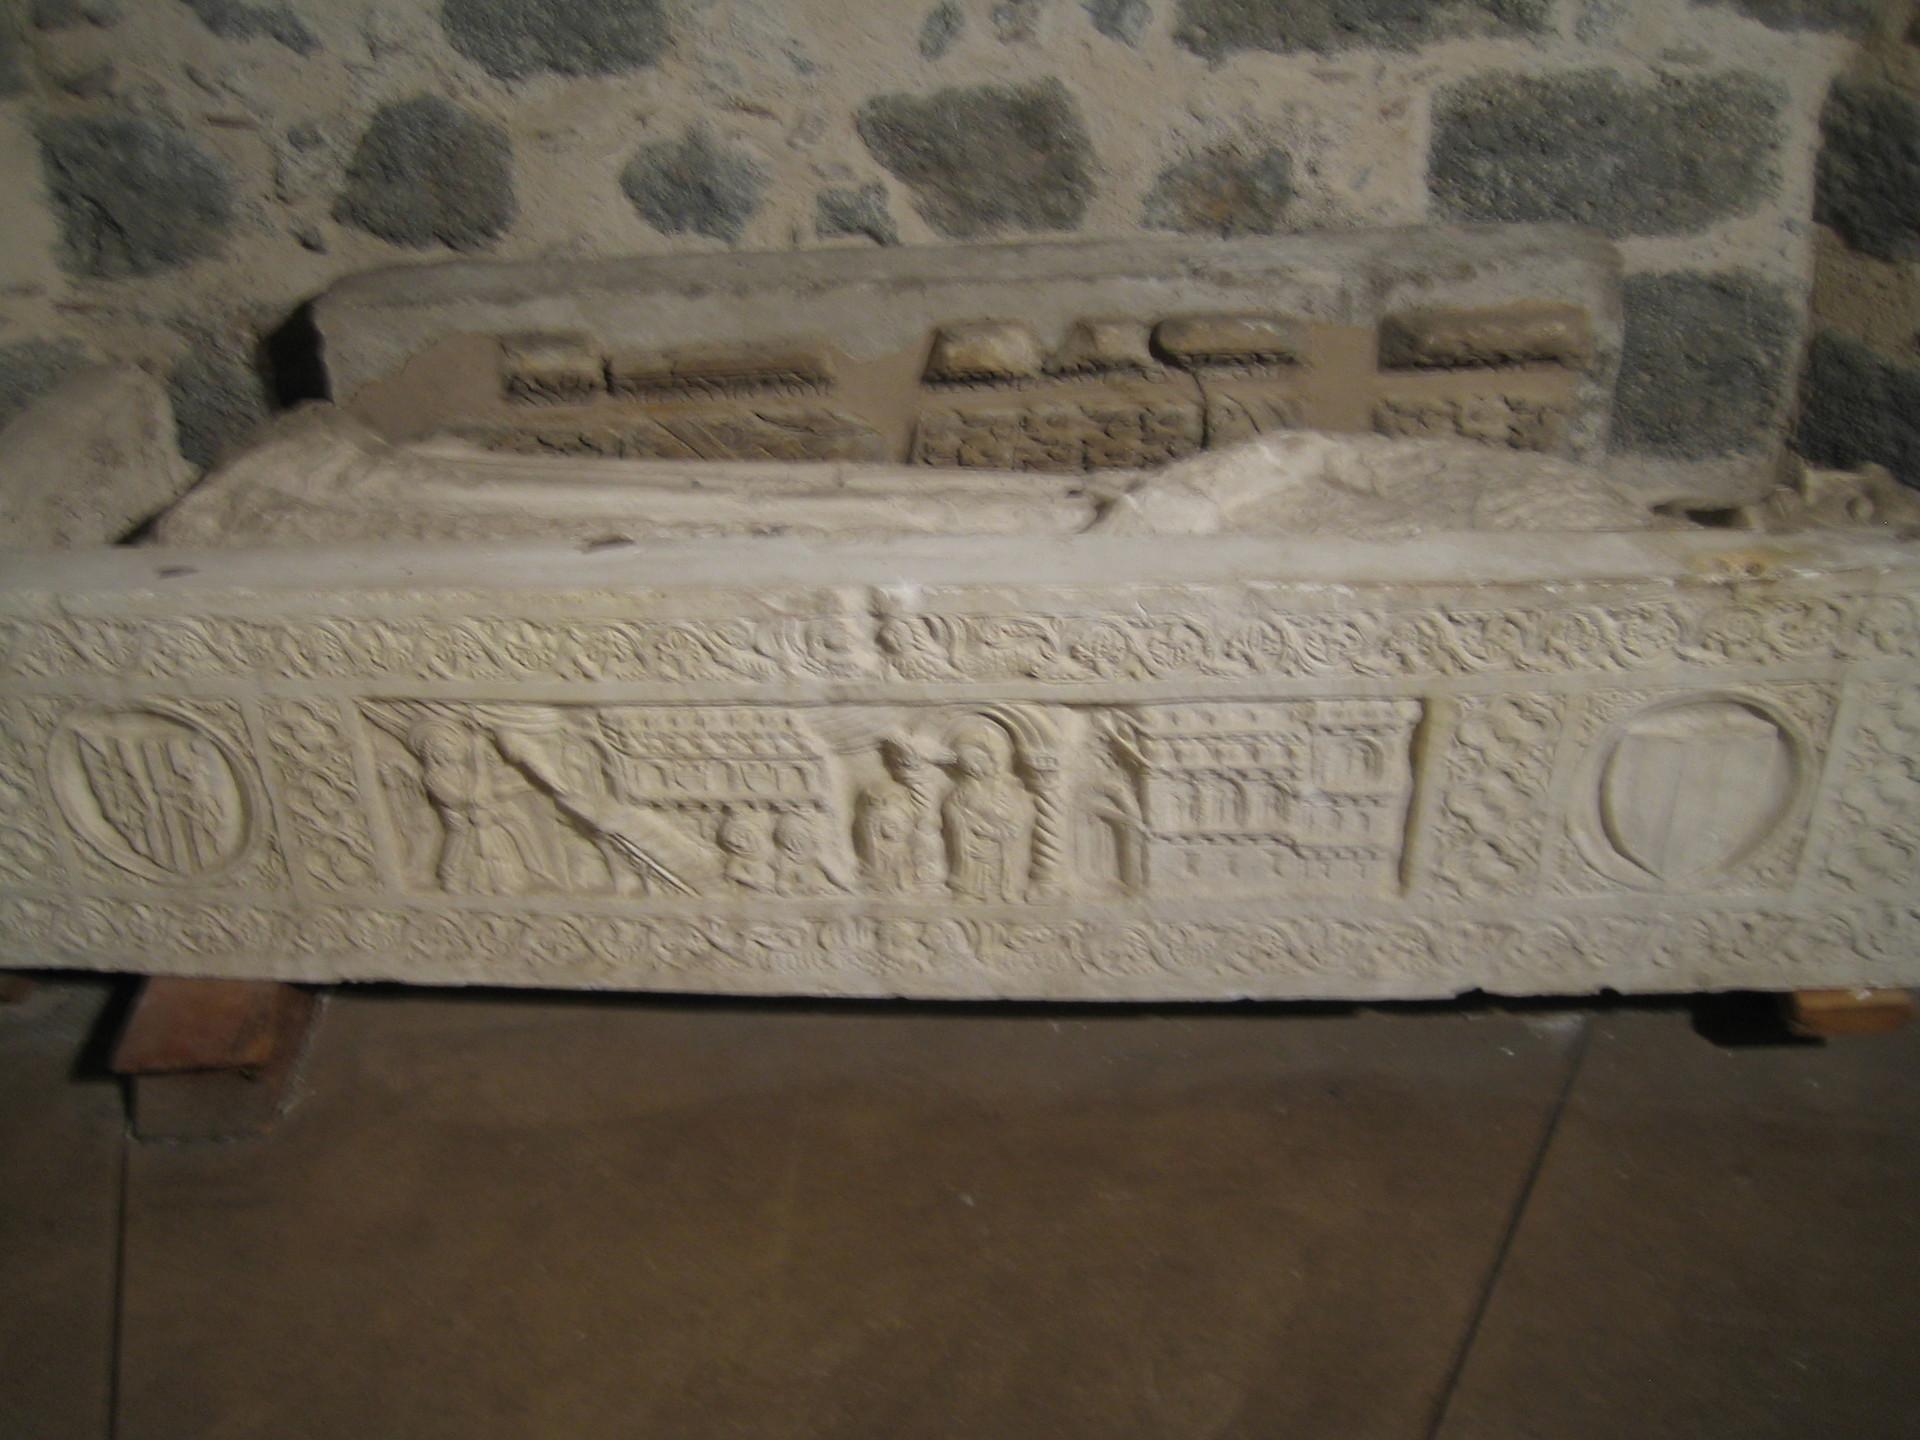 Catania Museum / Castello Ursino